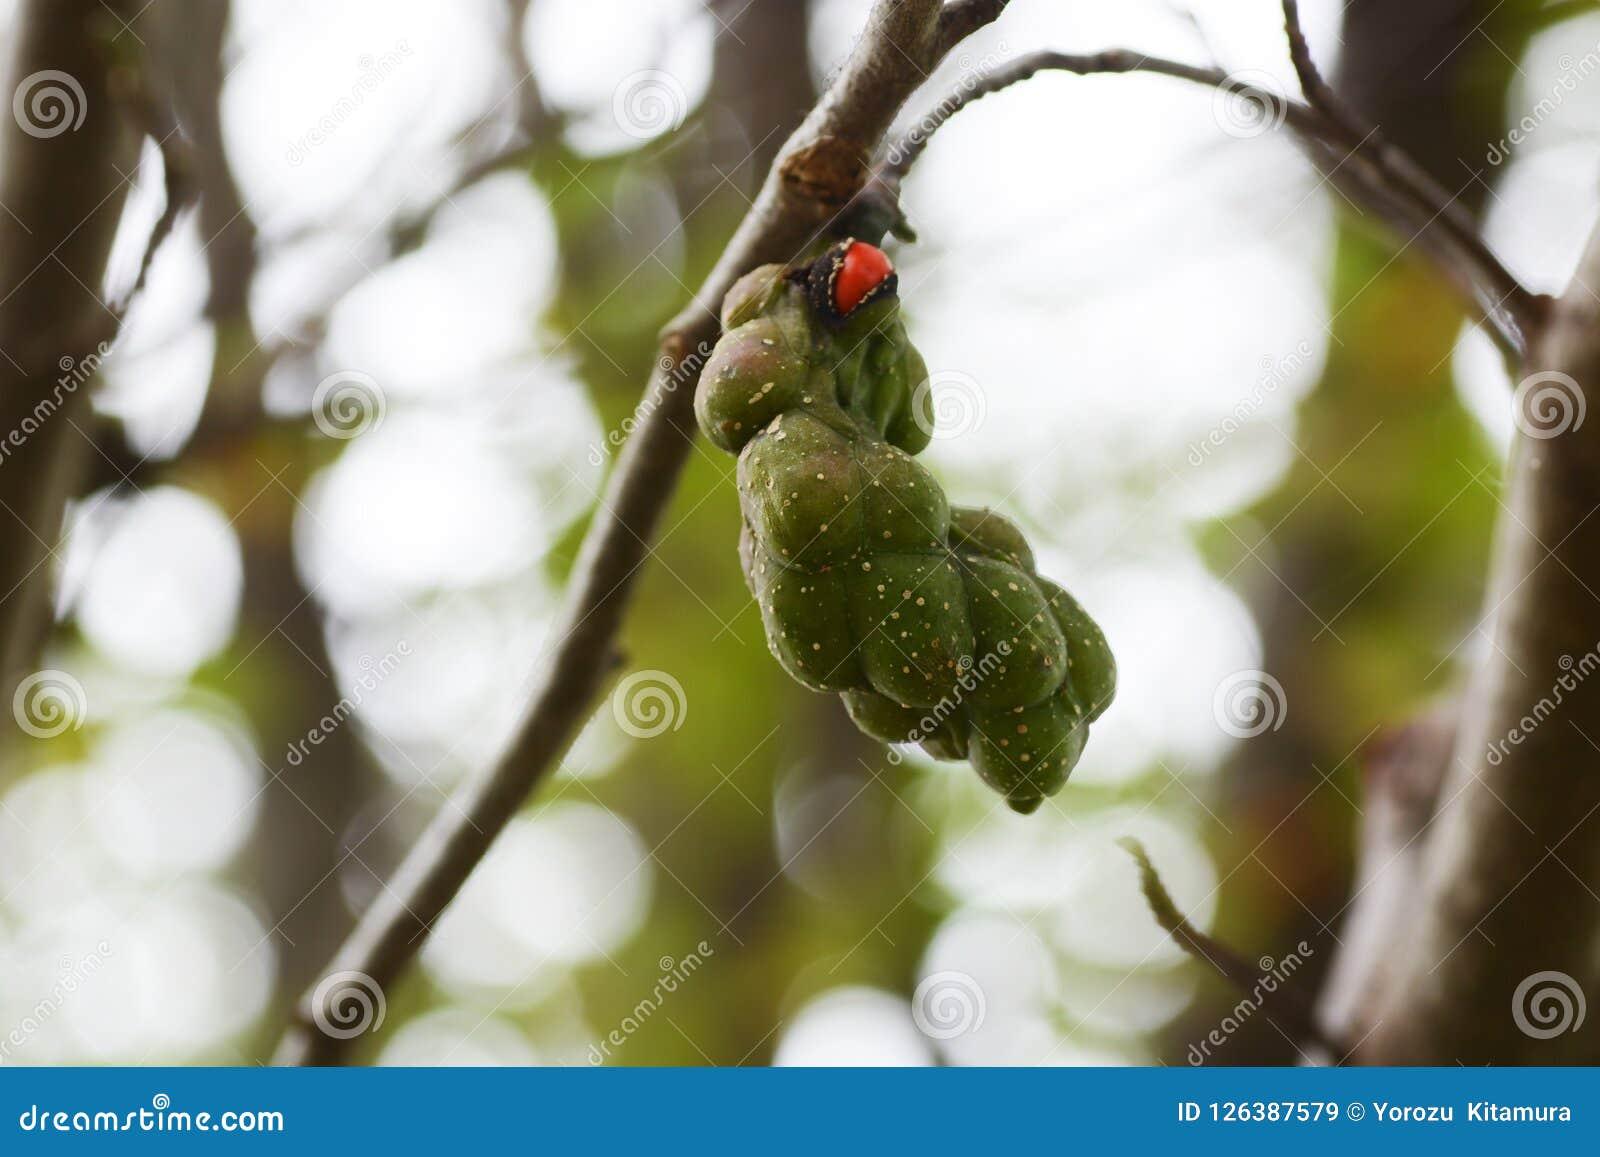 Nuts of magnolia kobus